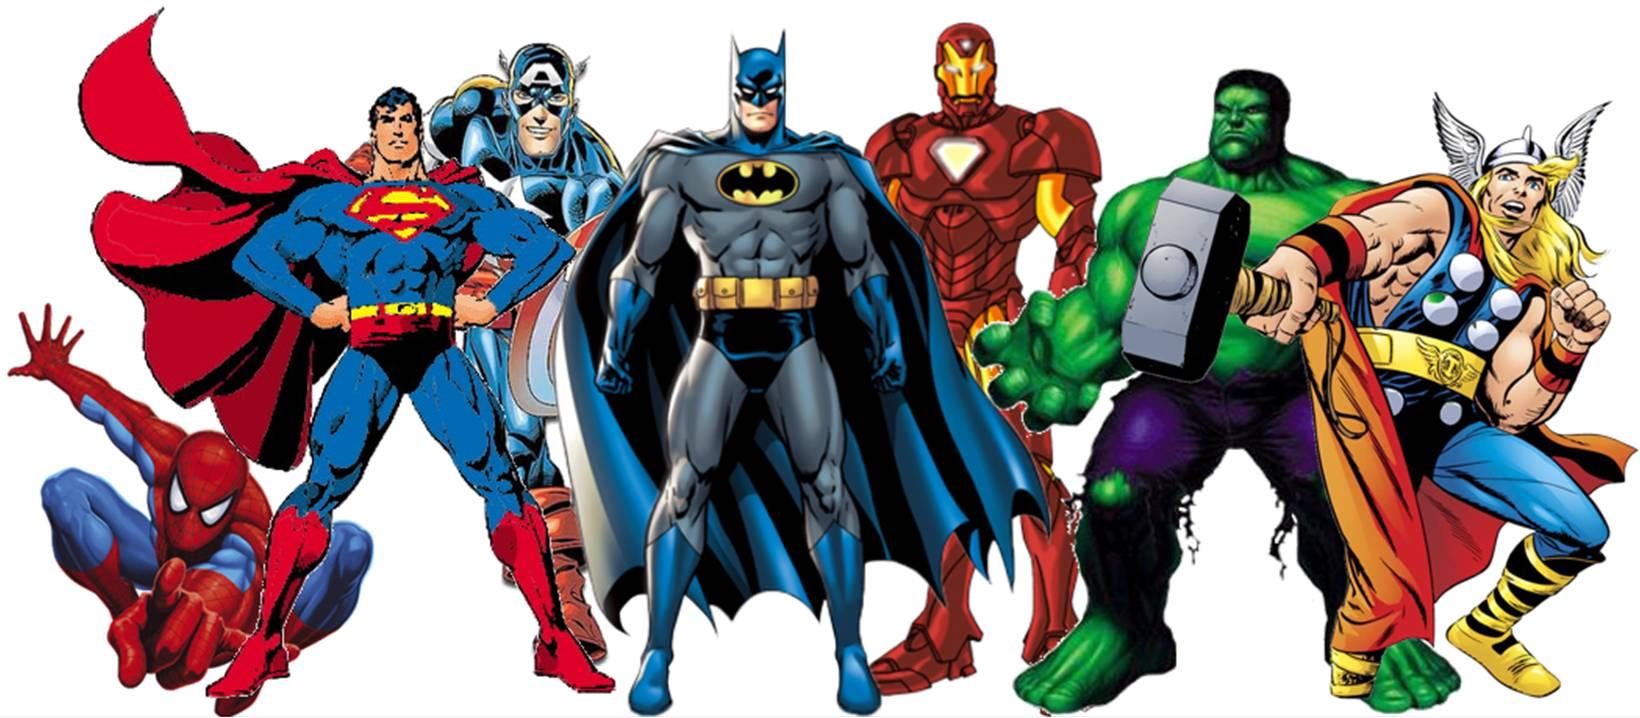 Lo que los superhéroes nos enseñan